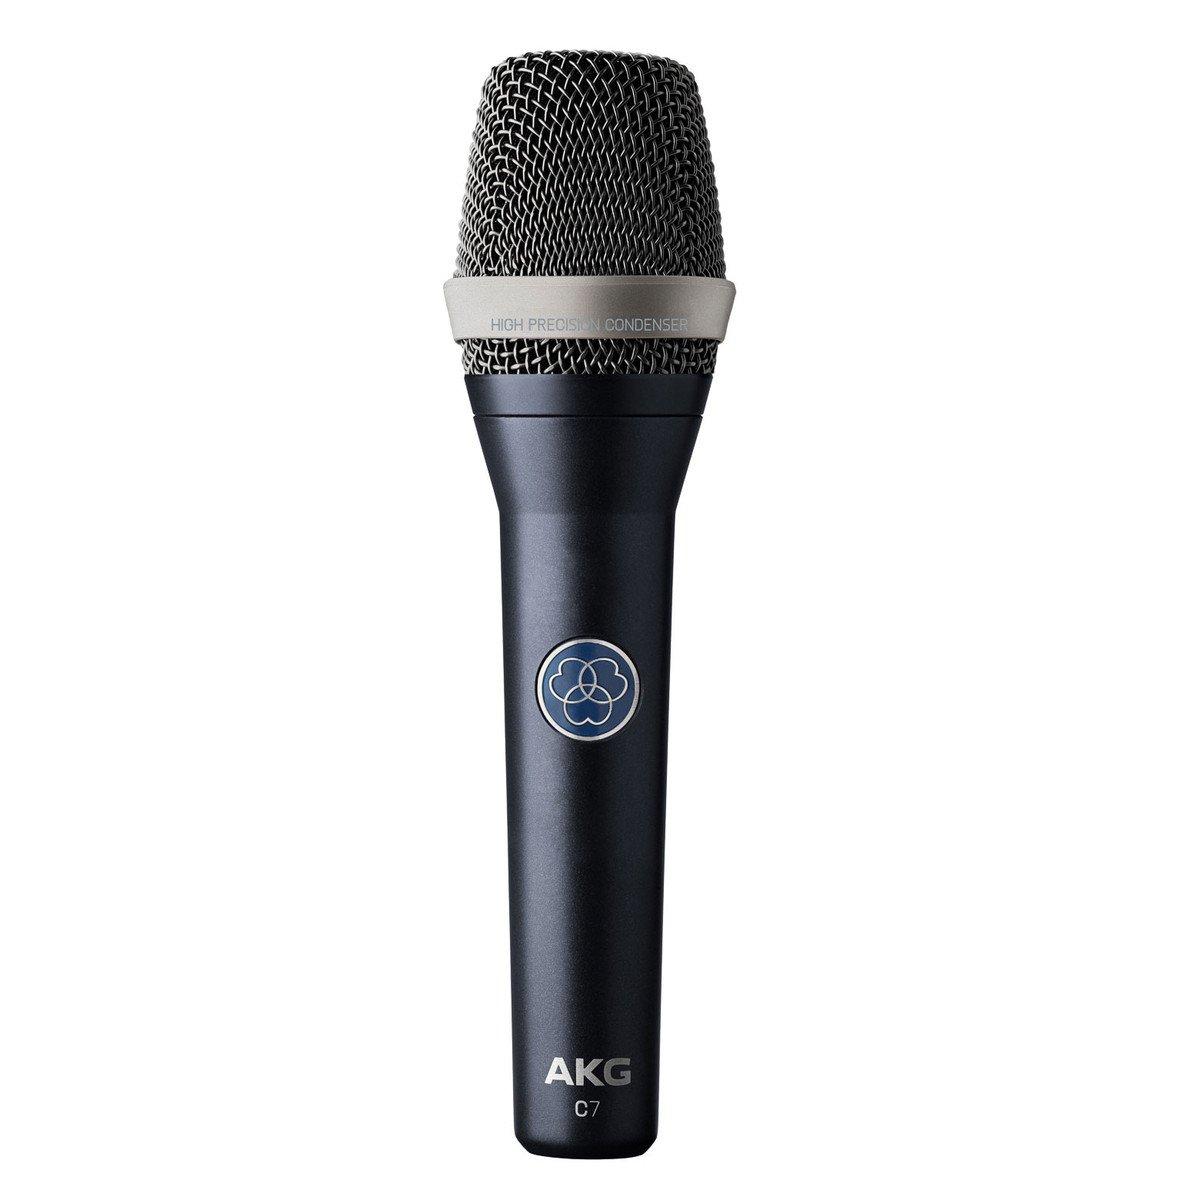 Microfono AKG Pro Audio C7 Reference Condenser Vocal